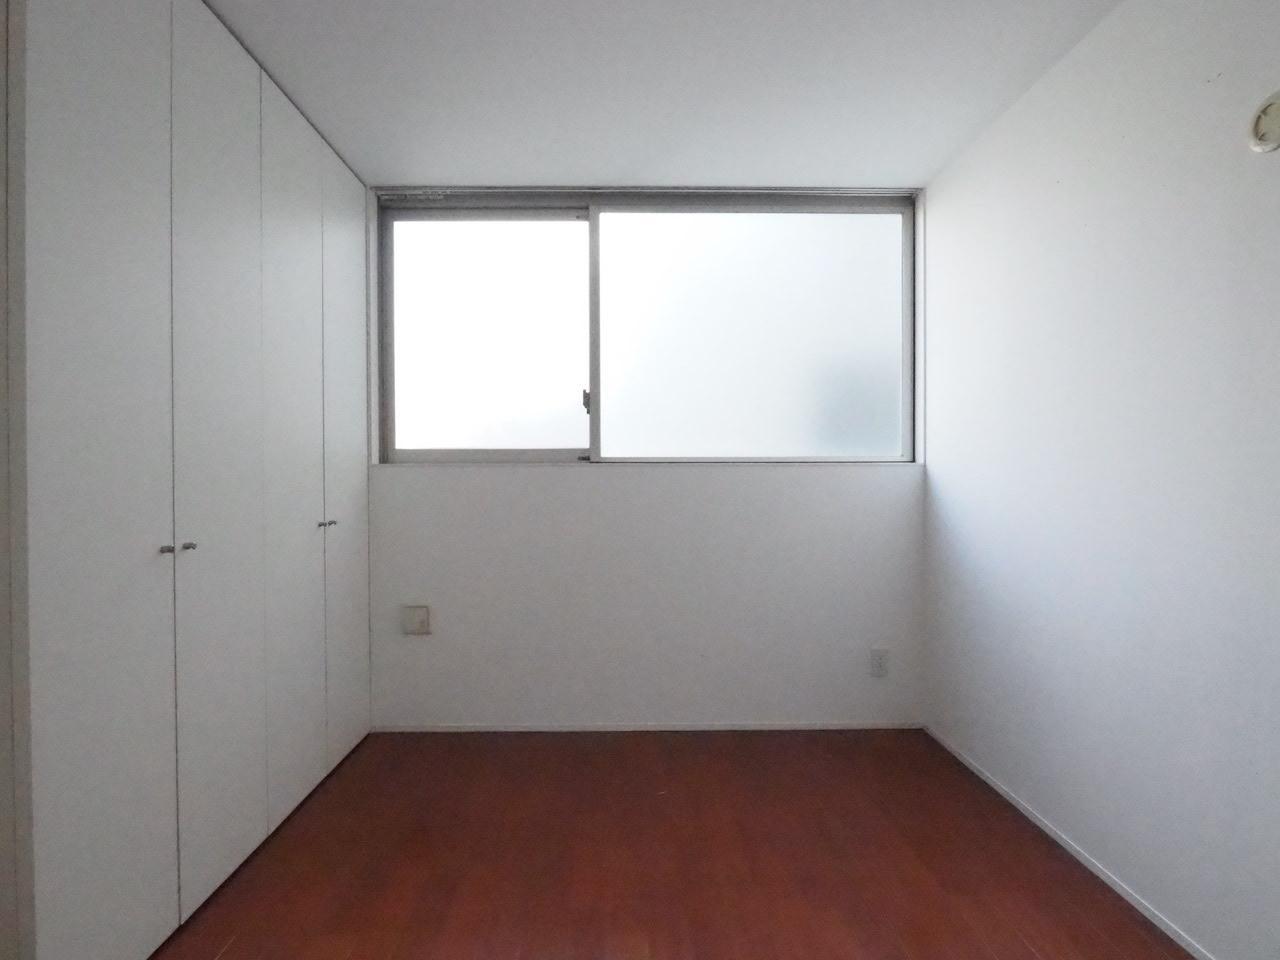 こちらの小部屋は寝室になるでしょうか